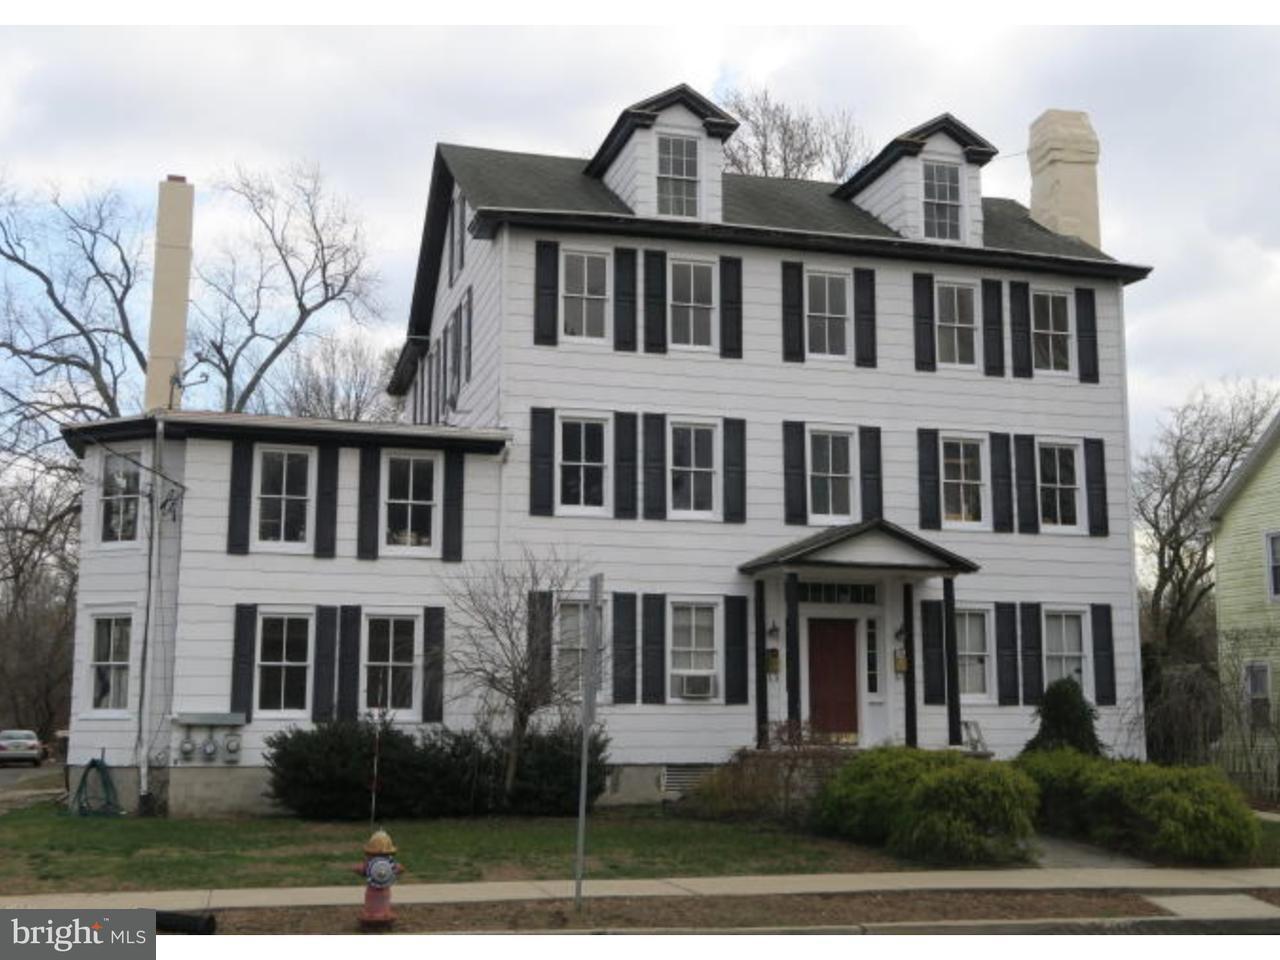 Casa Unifamiliar por un Venta en 21 N MAIN Street New Egypt, Nueva Jersey 08533 Estados Unidos